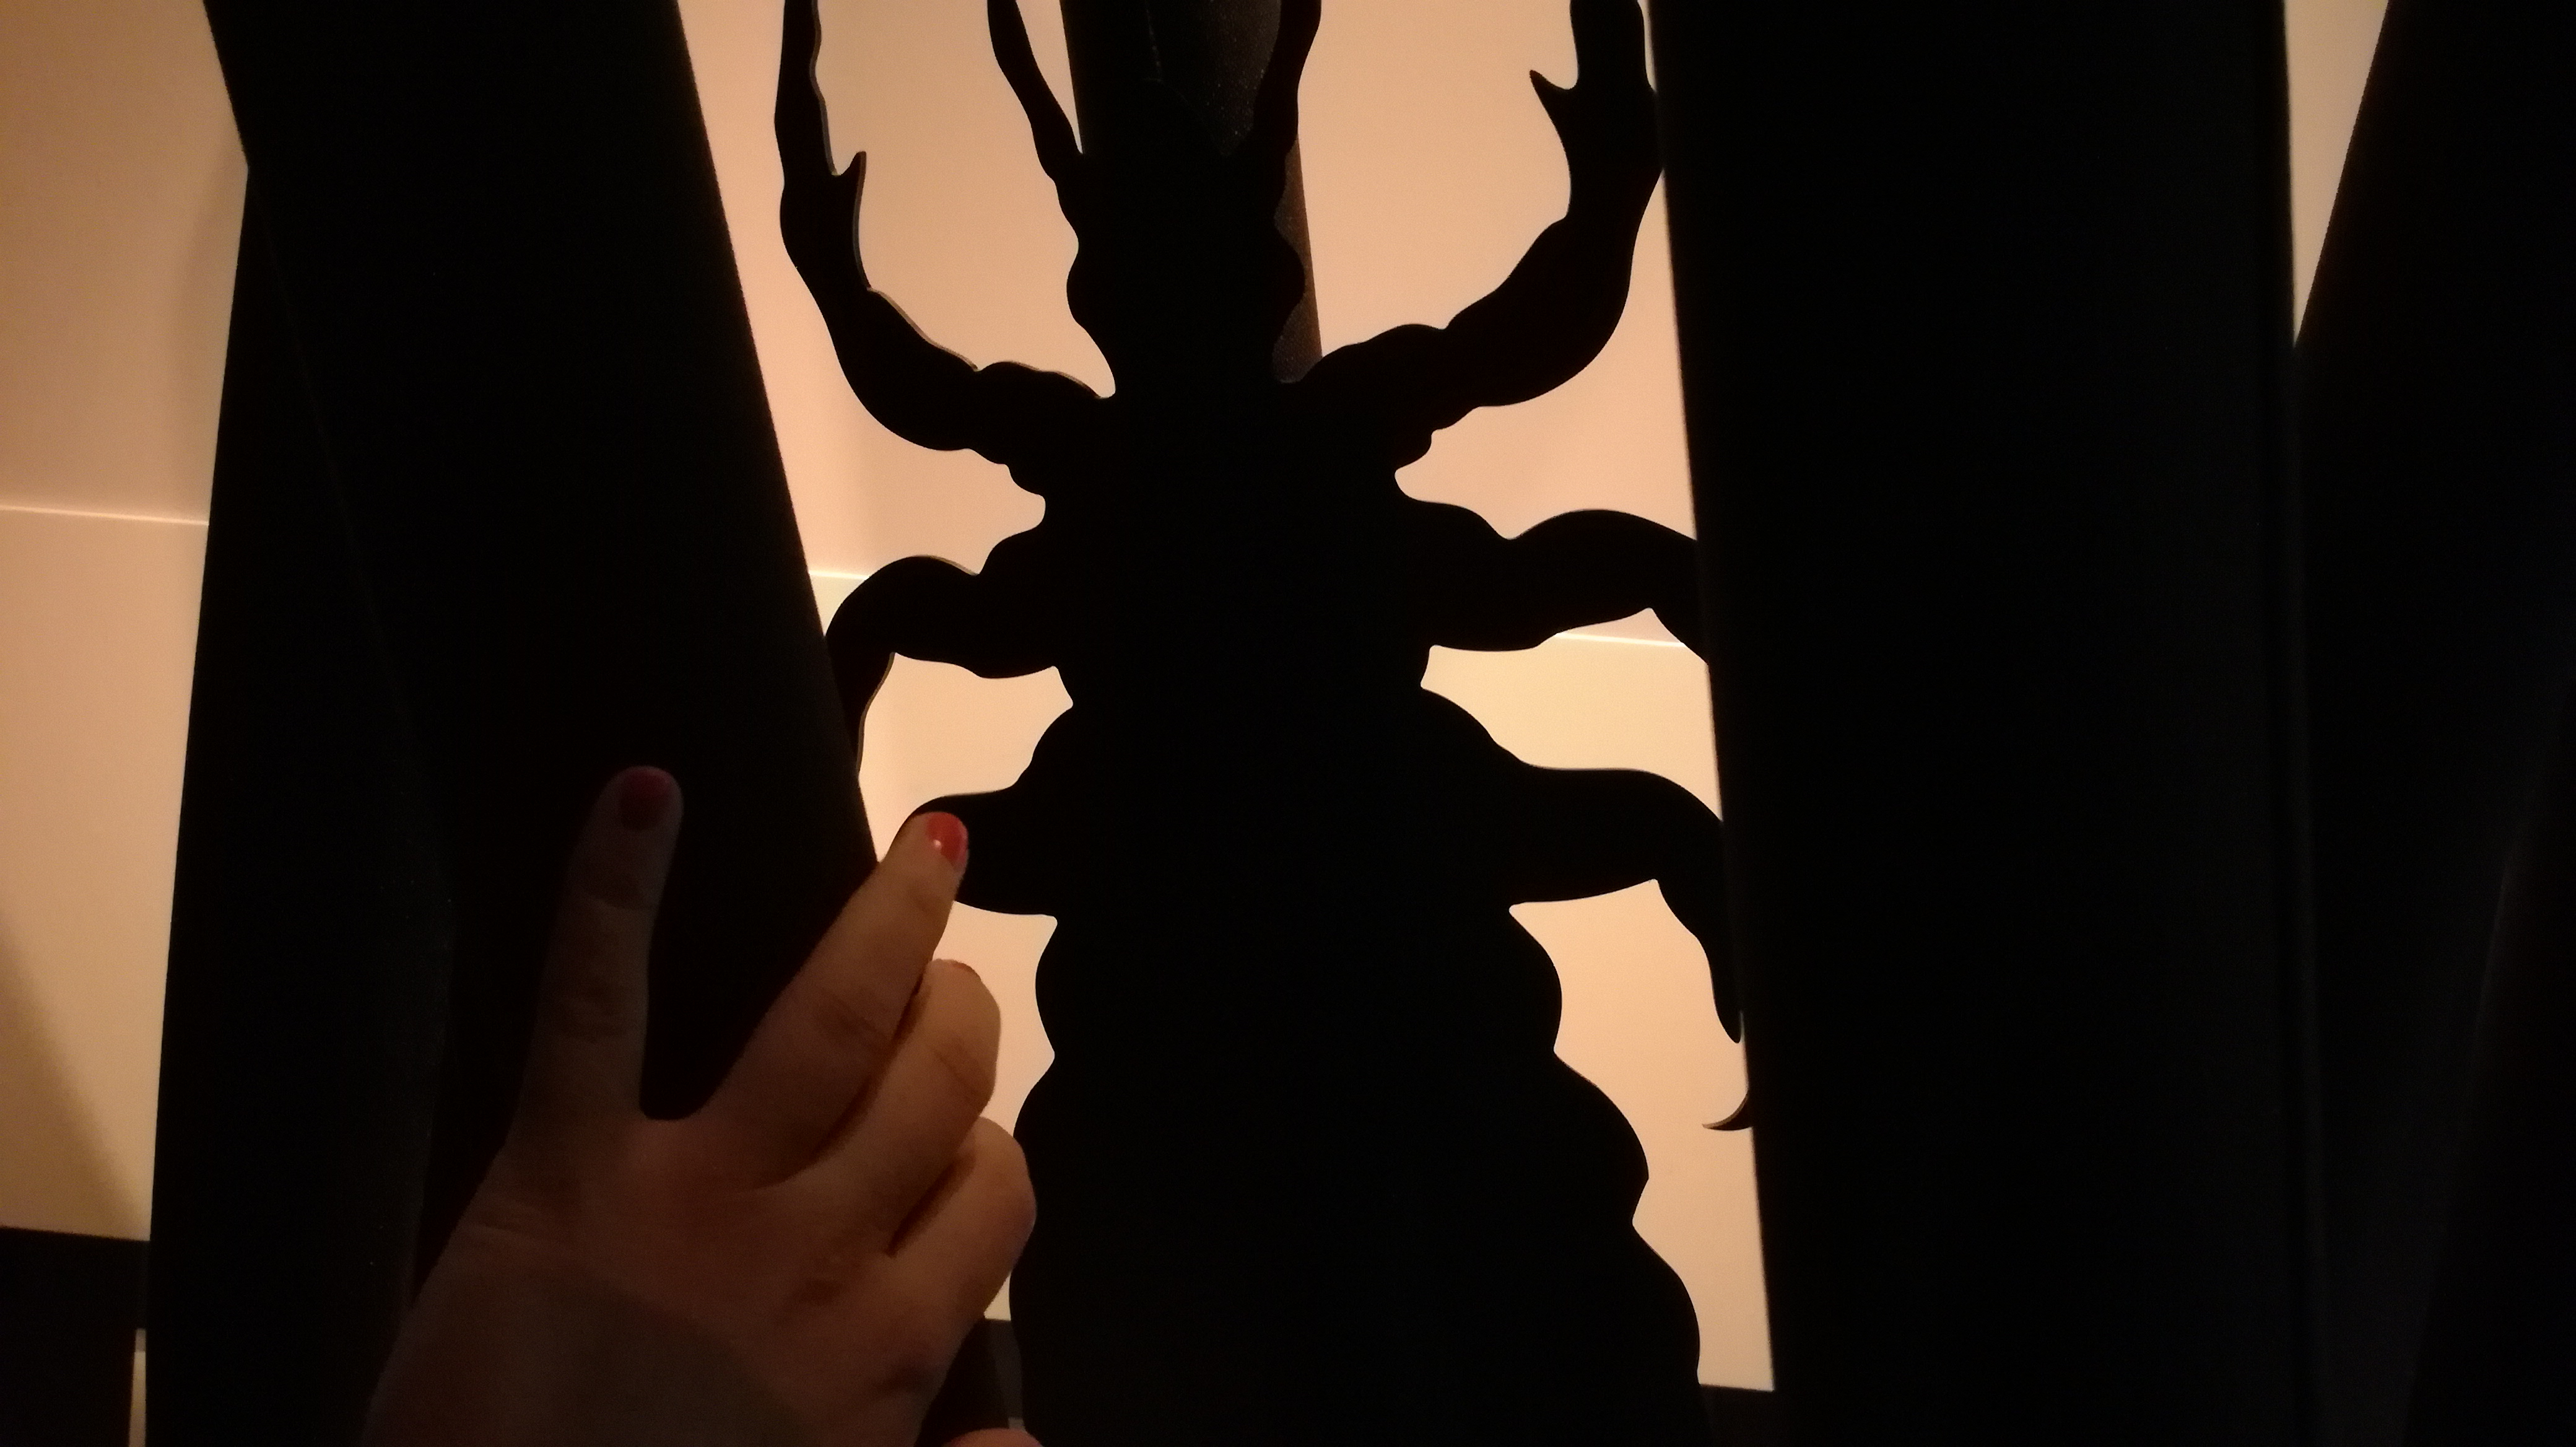 Lyon: Puce, tique, pou... Un autre regard sur ces parasites proposé au musée des Confluences